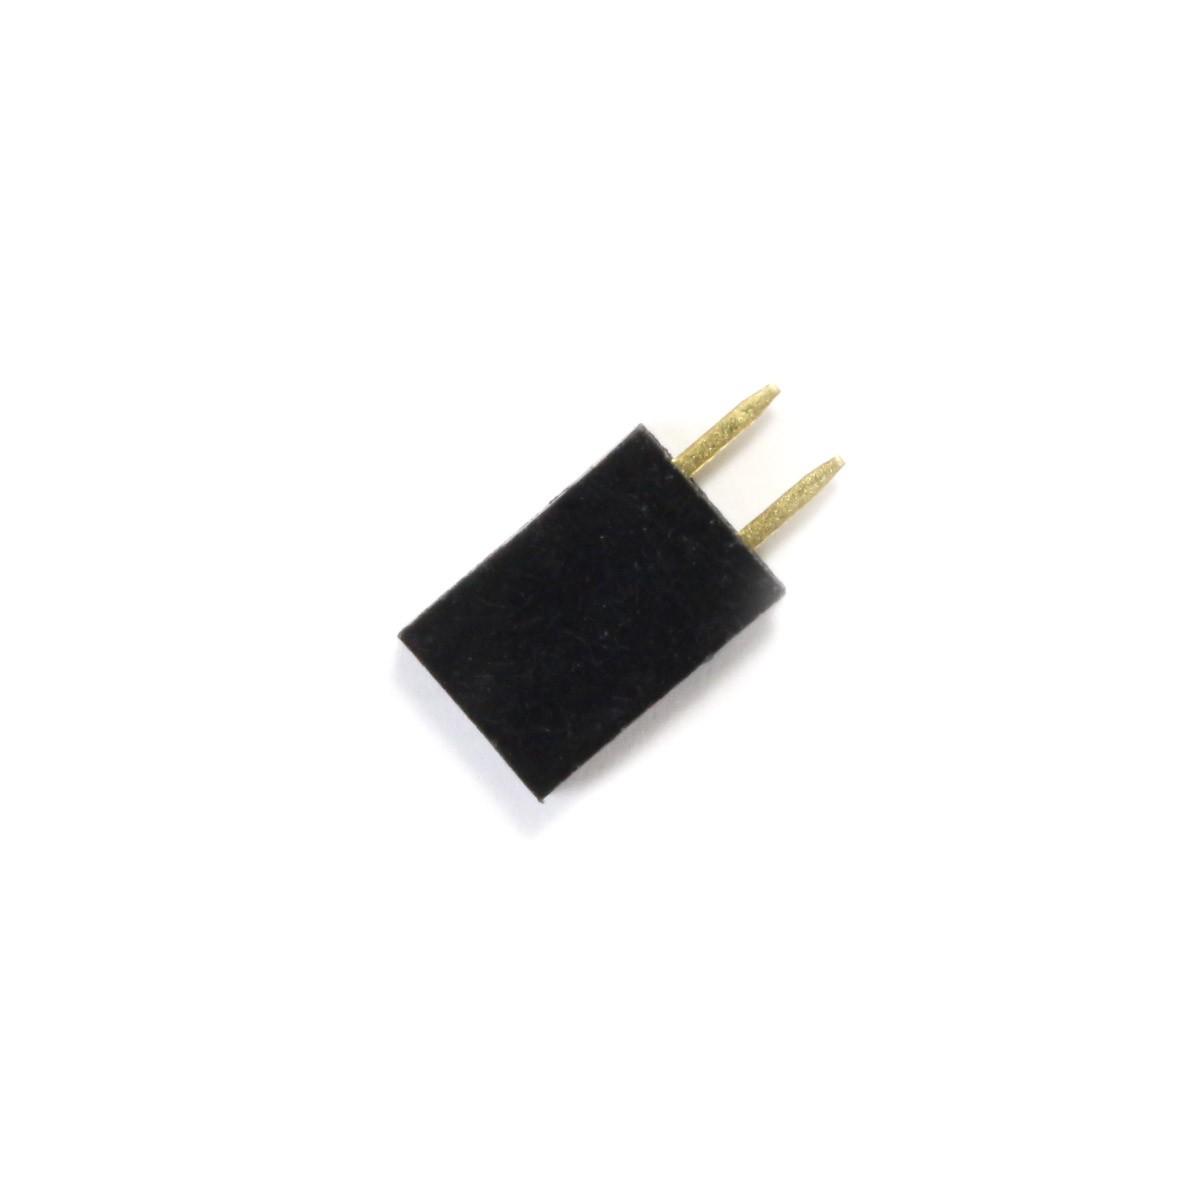 Connecteur Barrette Droit Femelle / Mâle 1x2 Pins Écartement 2.54mm